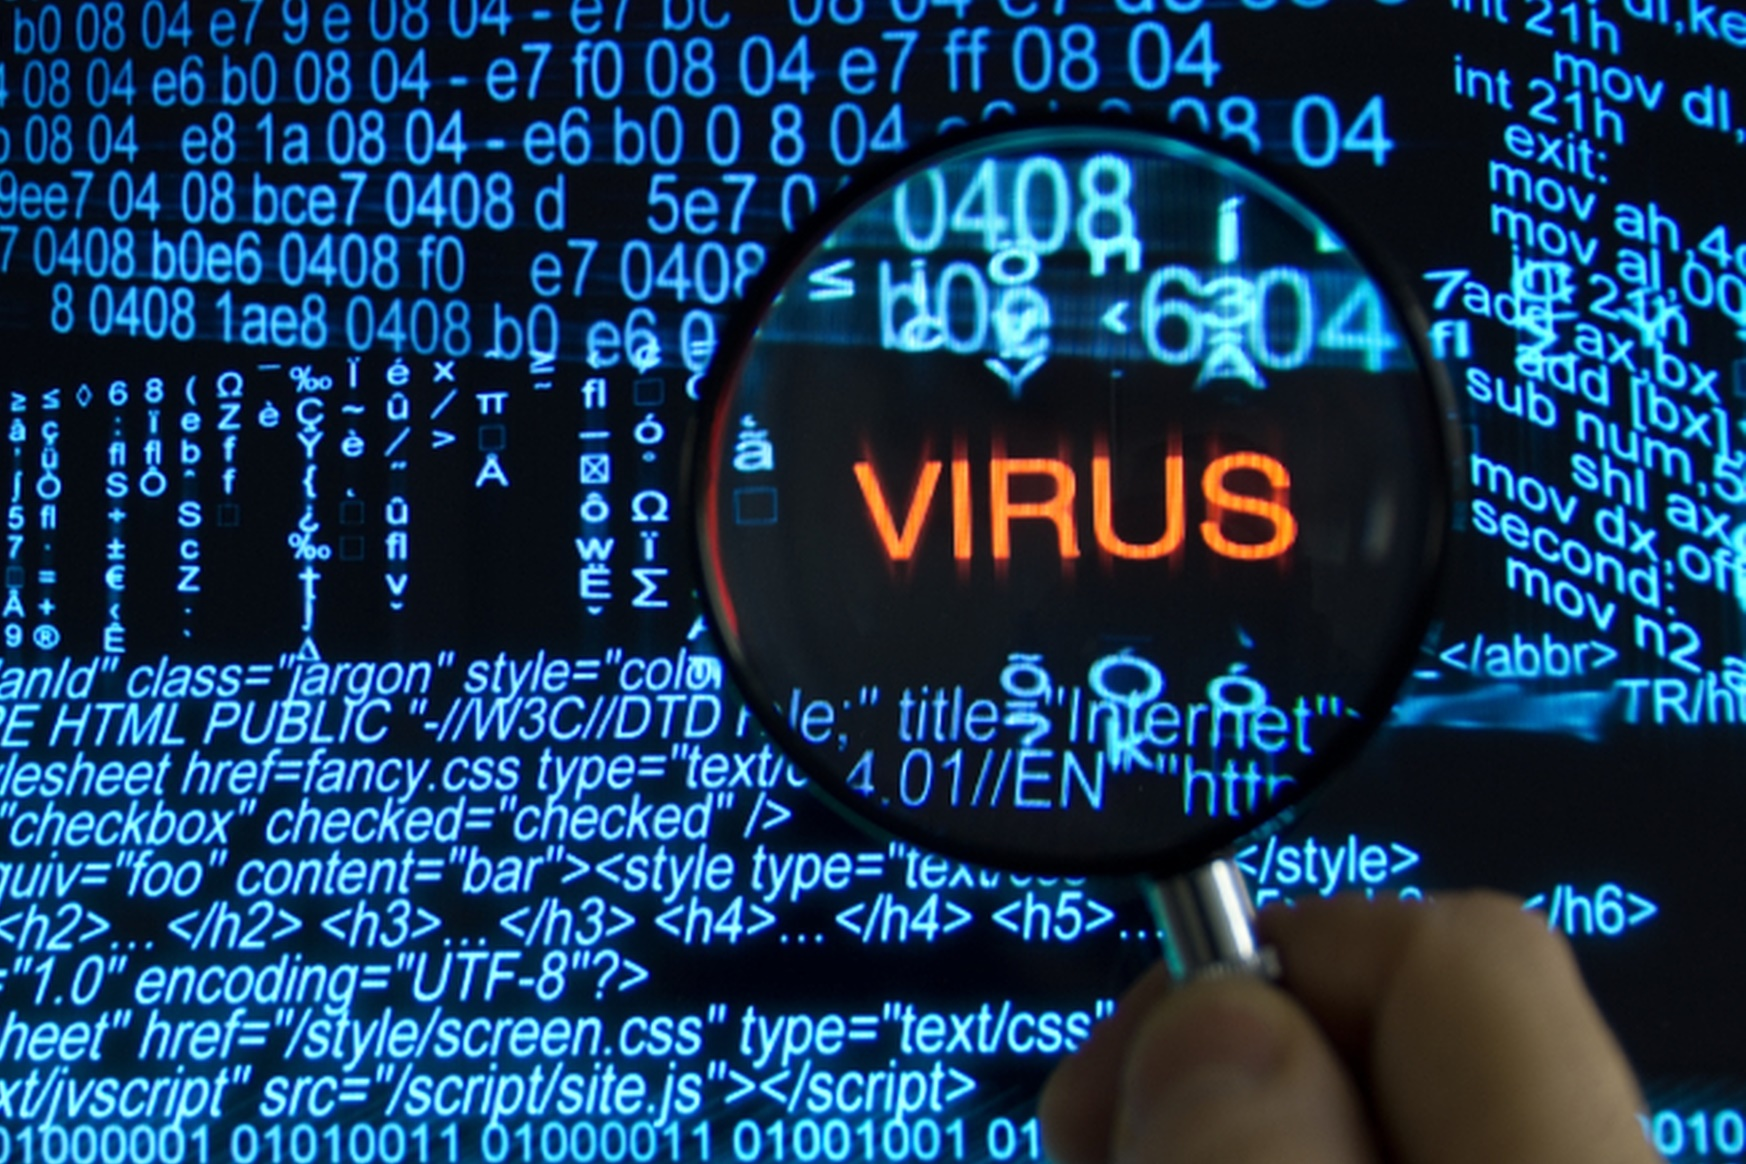 Tome cuidado com vírus ao fazer download